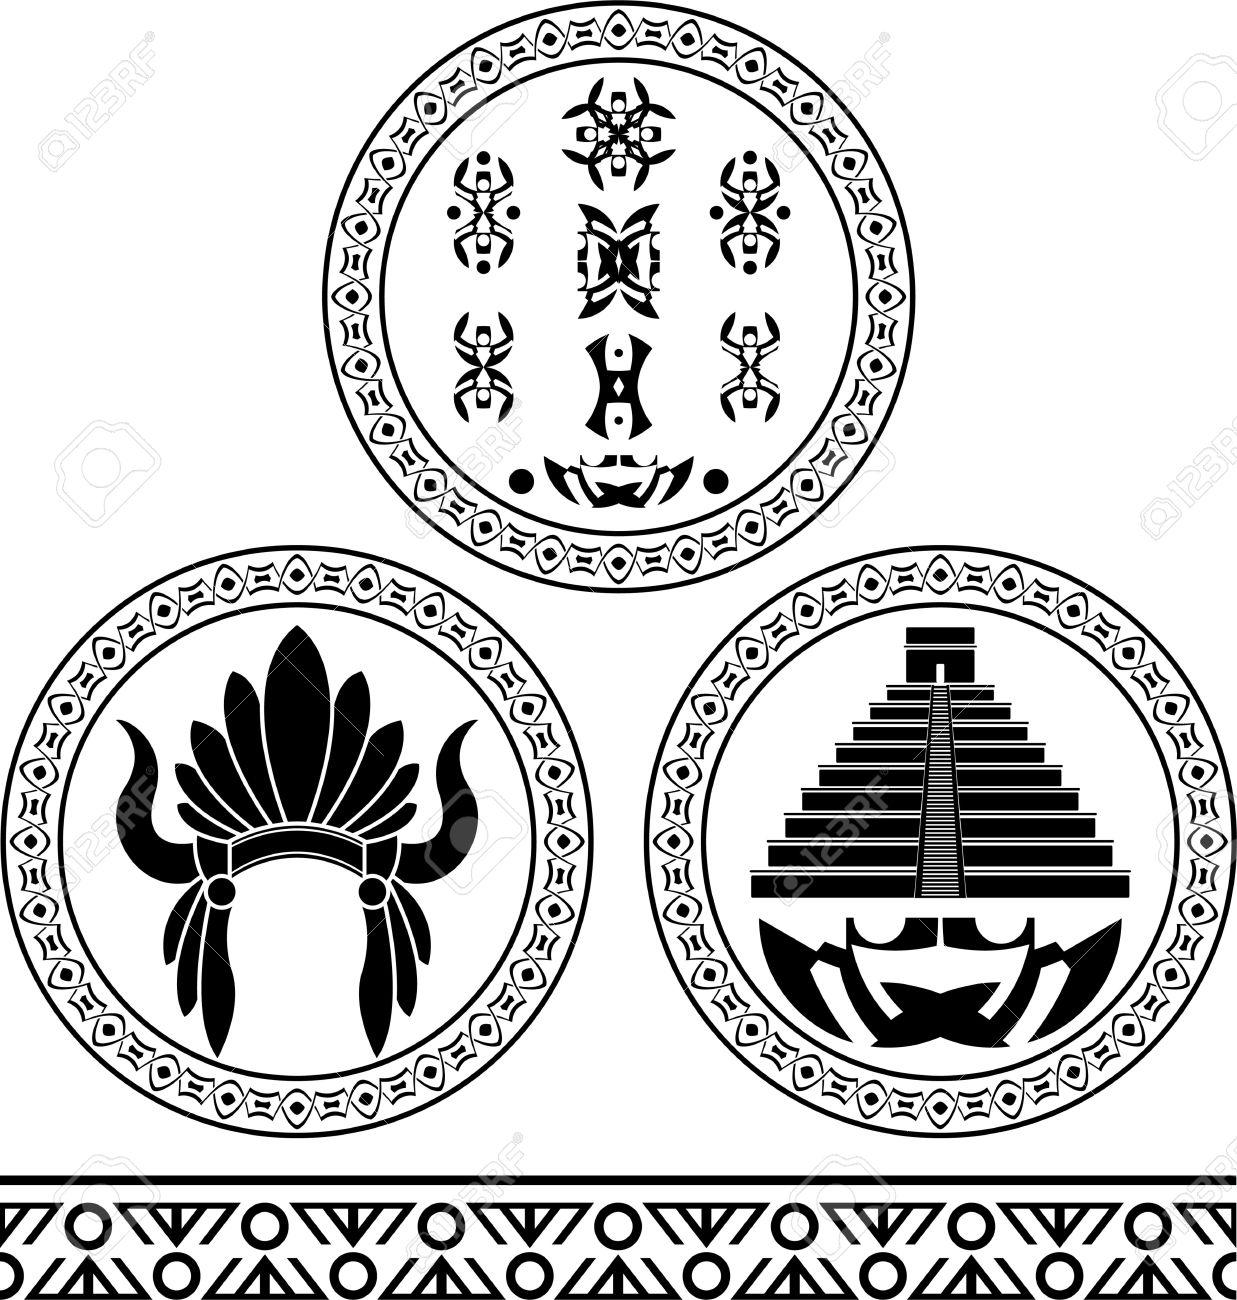 Signos Mayas, El Tocado, La Pirámide Y El Patrón De Plantillas ...